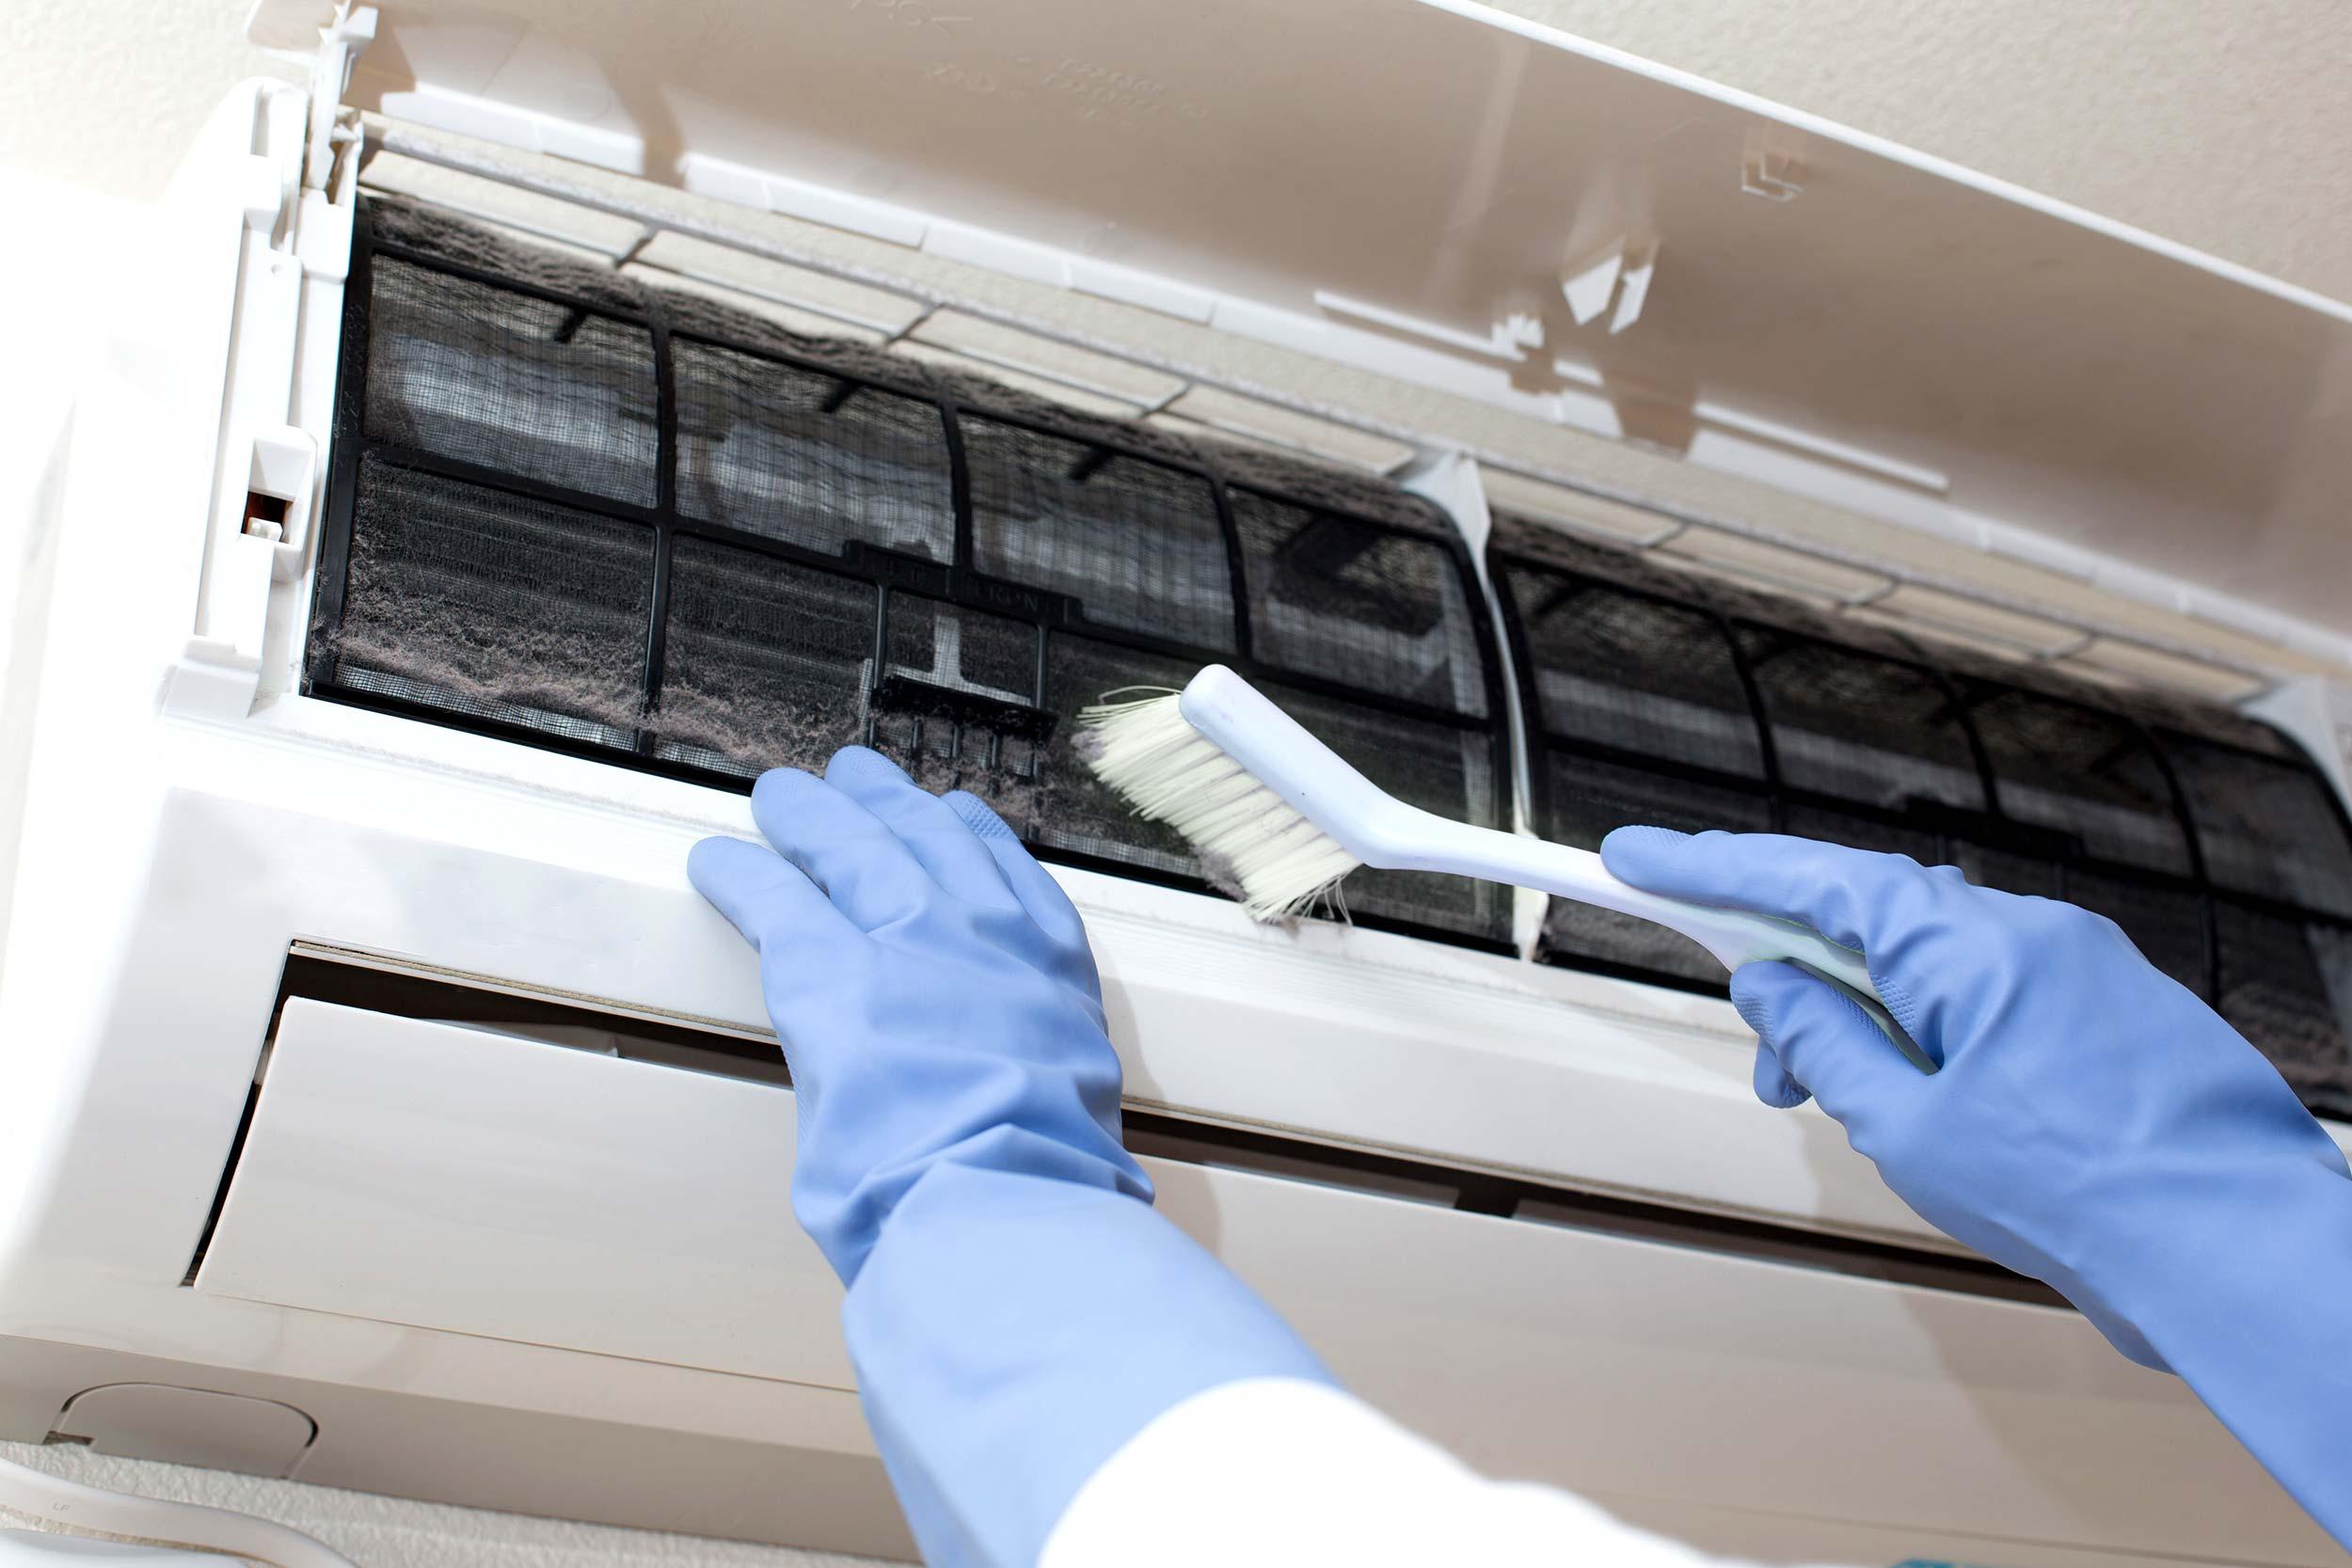 Сравнение затрат на самостоятельную чистку кондиционера и чистку в обслуживающей фирме